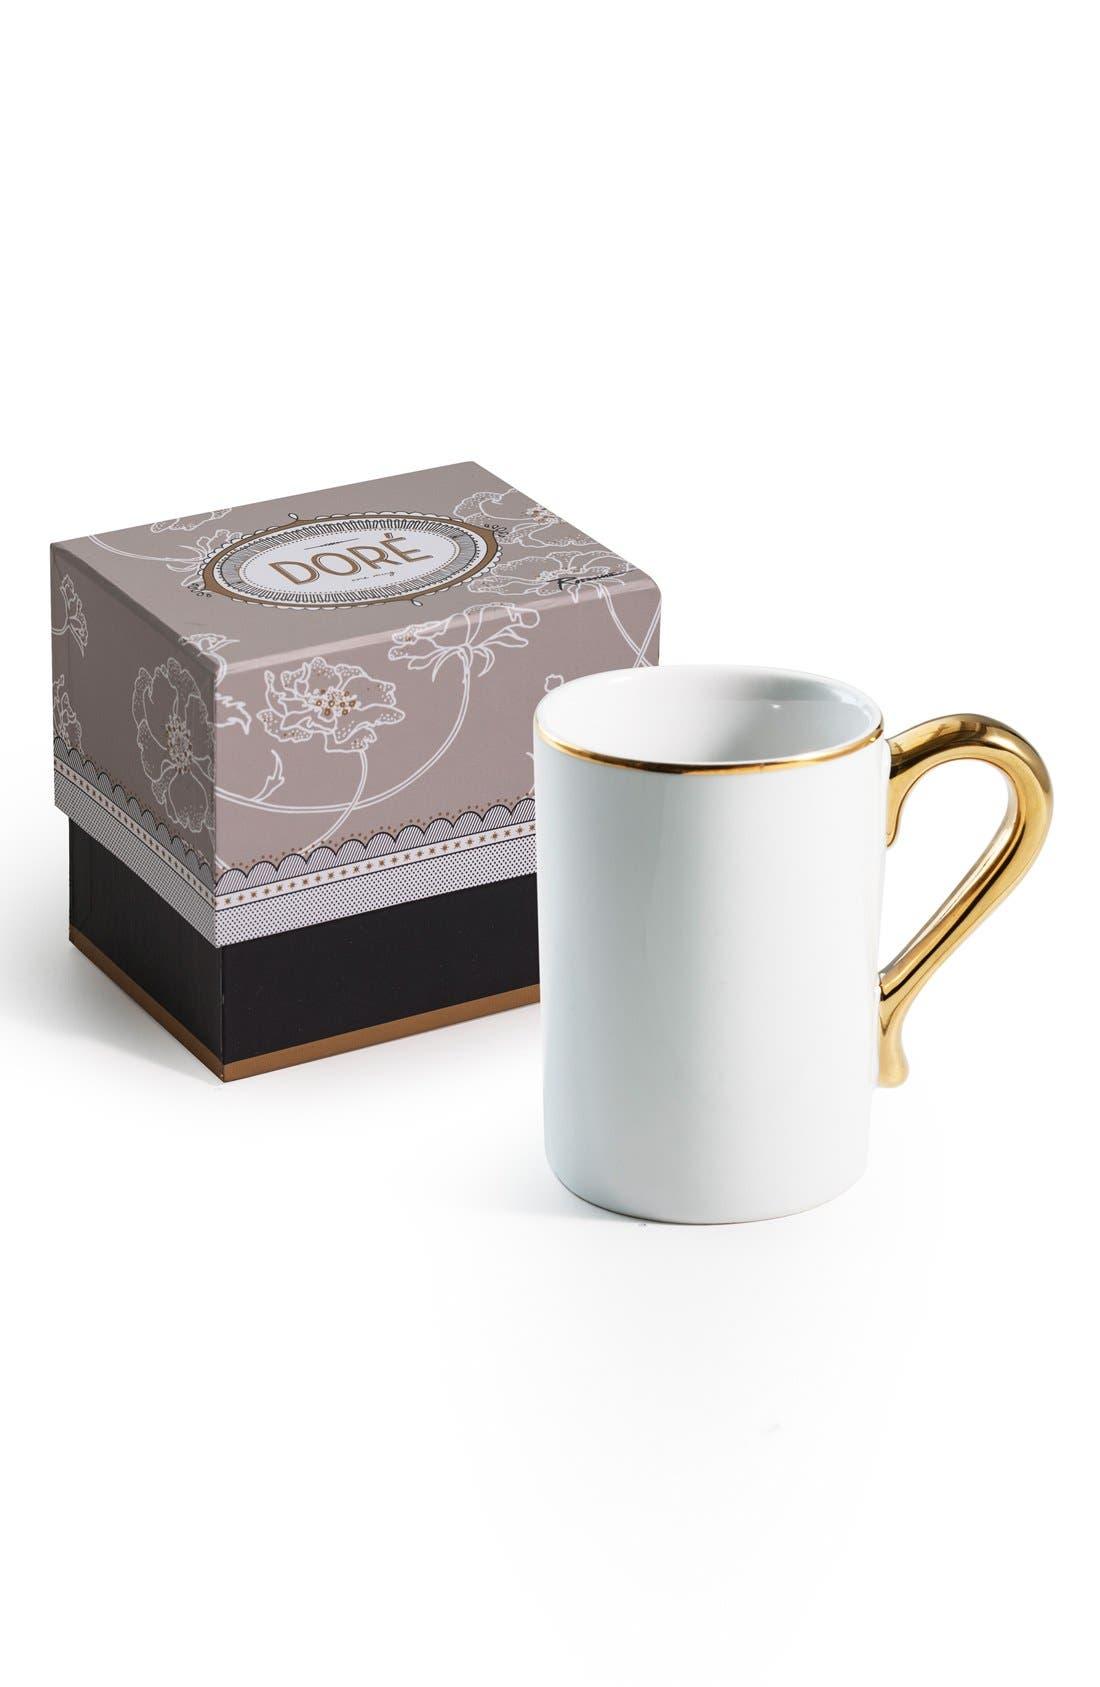 Main Image - Rosanna 'Doré' Mug